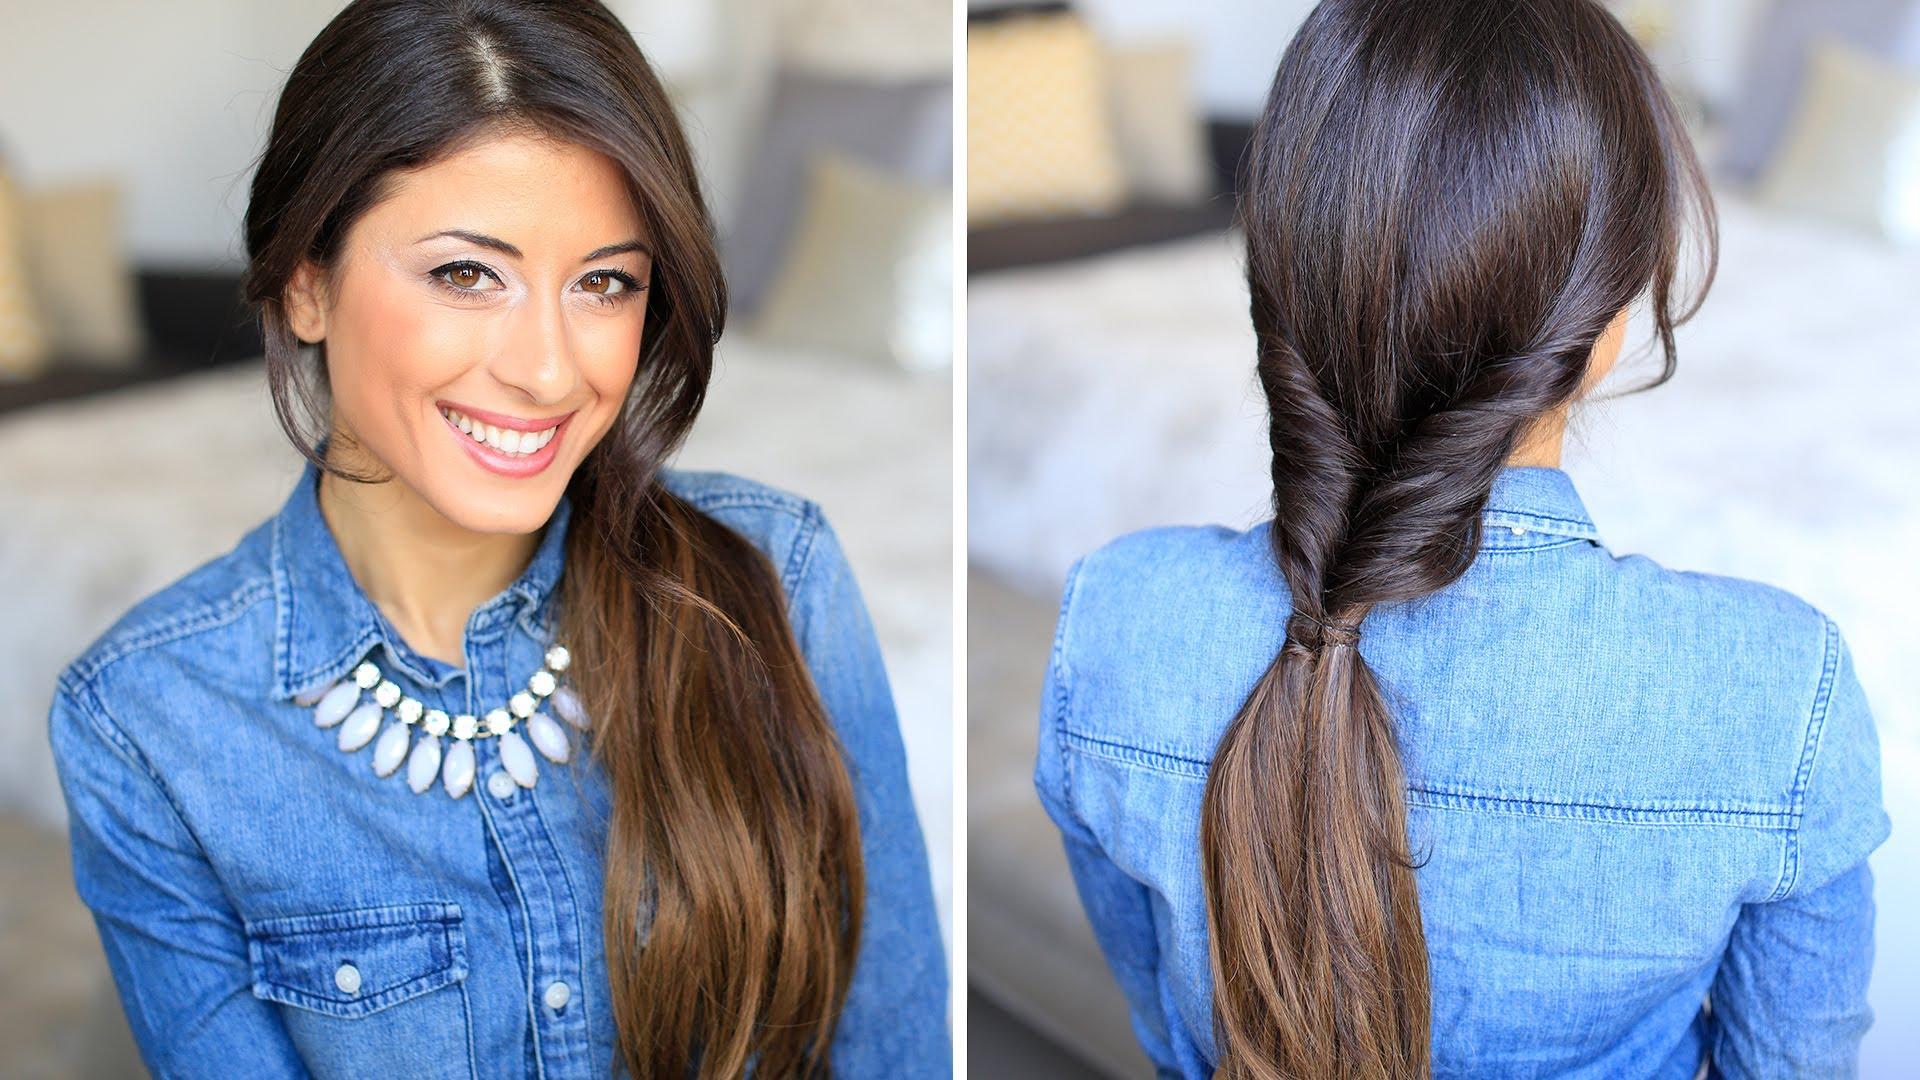 Вывернутый хвост на длинных волосах